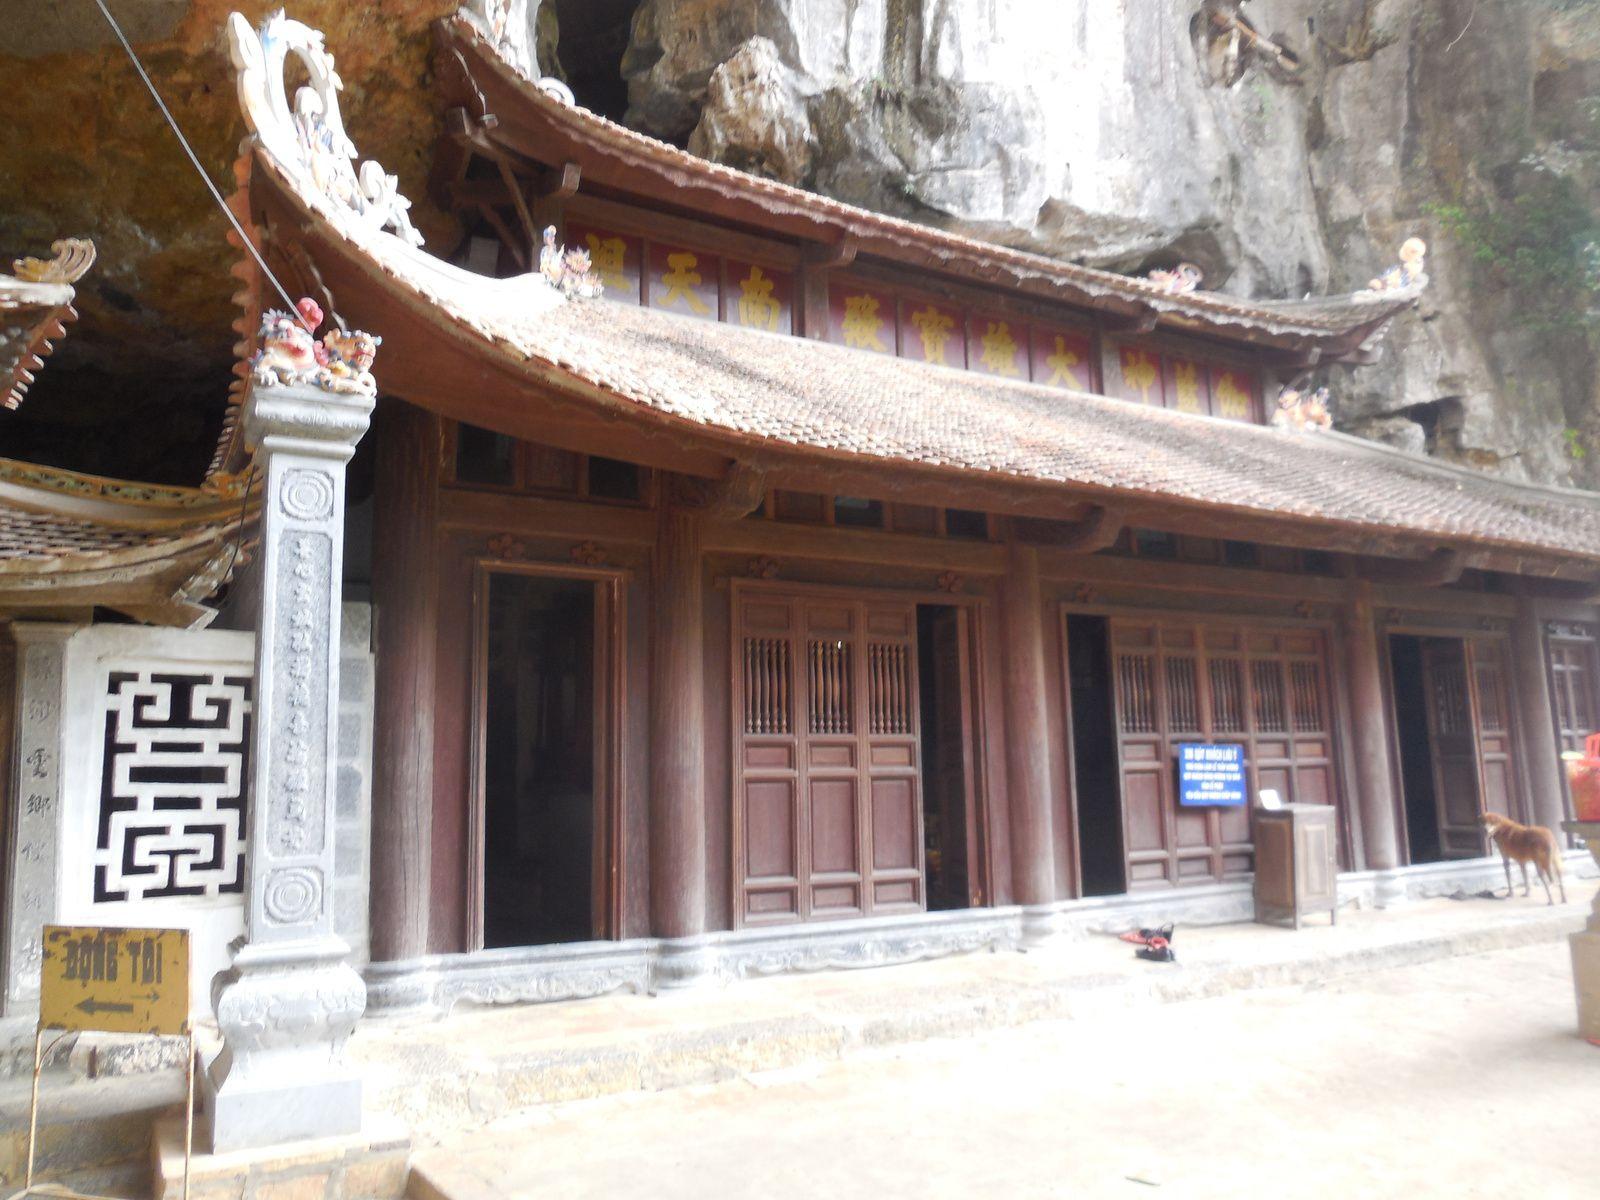 Moment de repos avant de rejoindre le dernier pallier pour découvrir la pagode Supérieure...